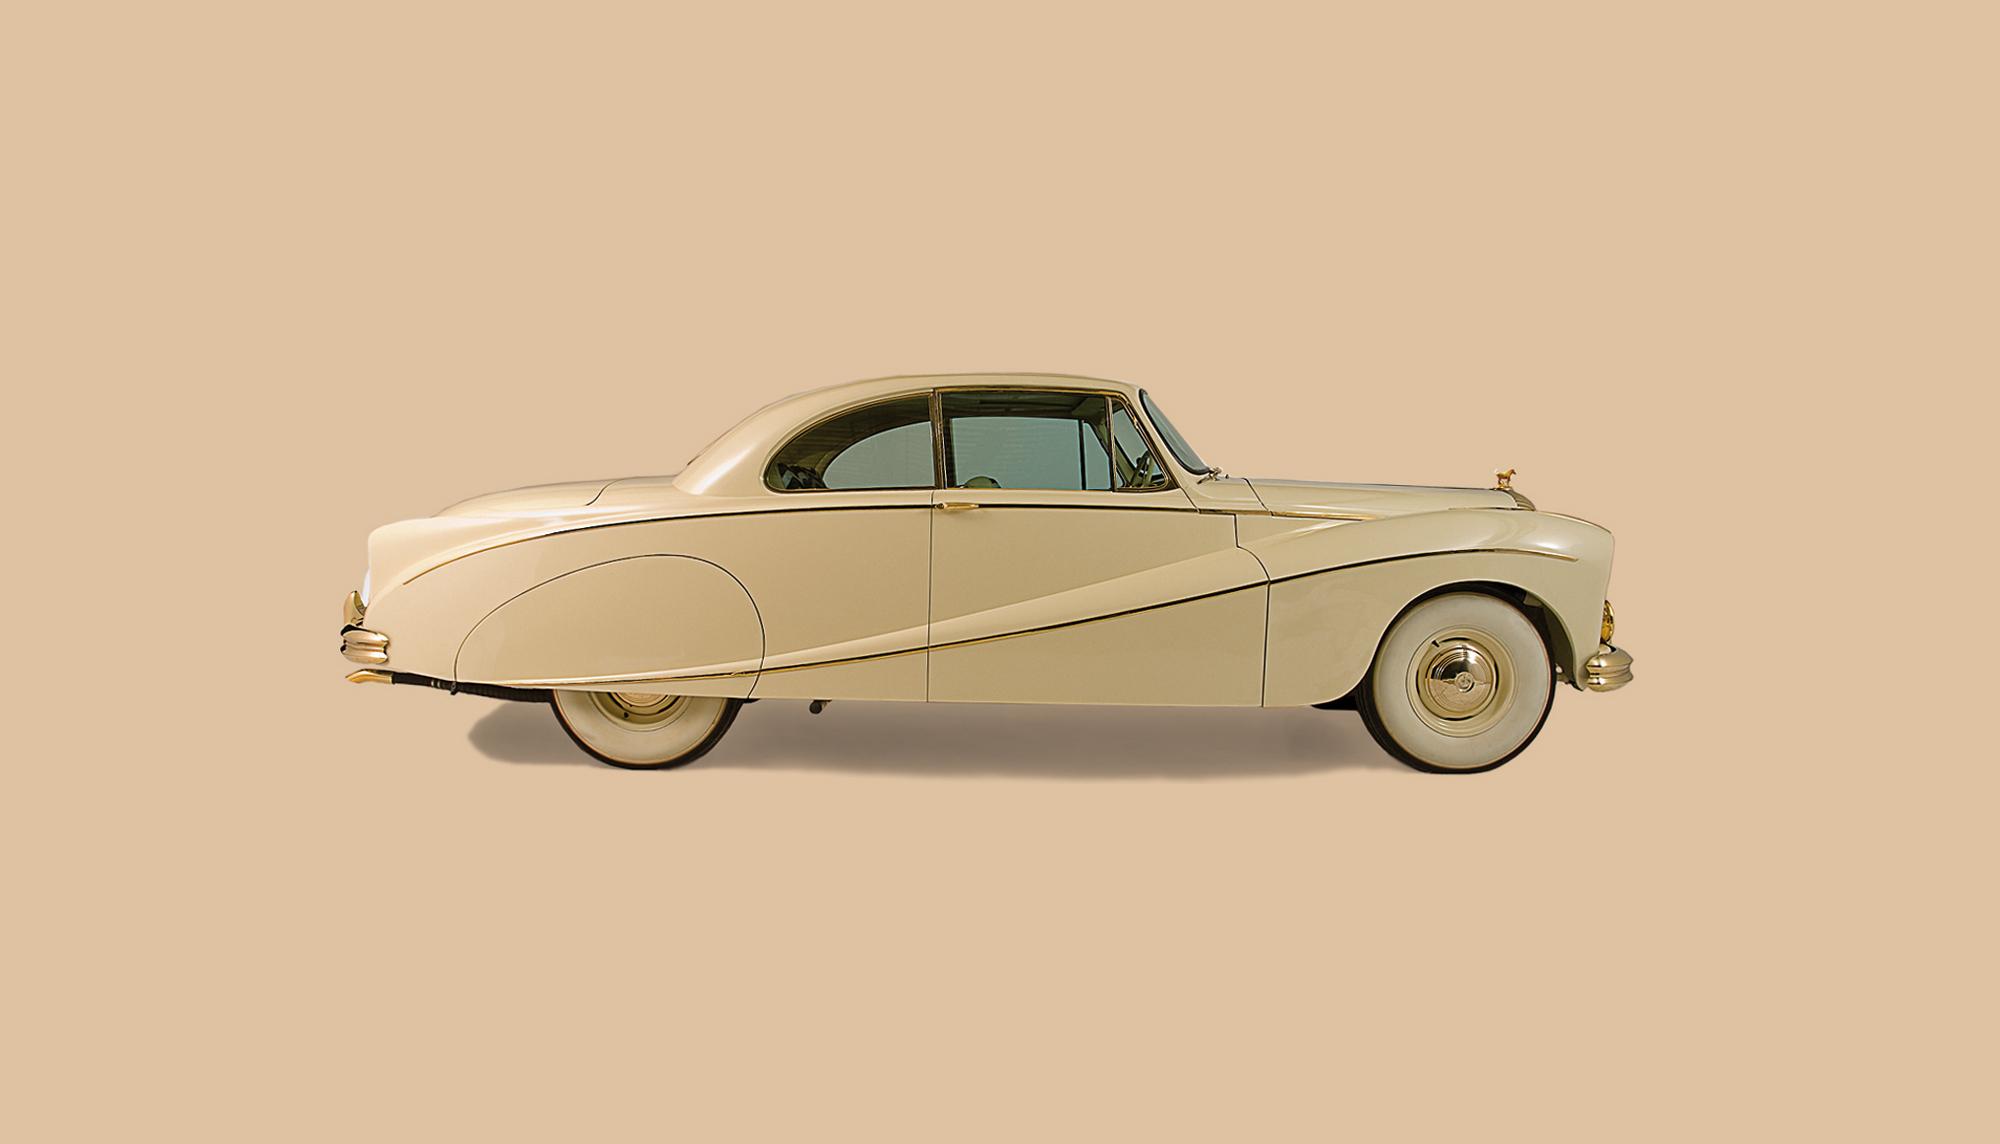 Bekijk Daimler DK 400 Golden Zebra Coupé in het Louwman Museum